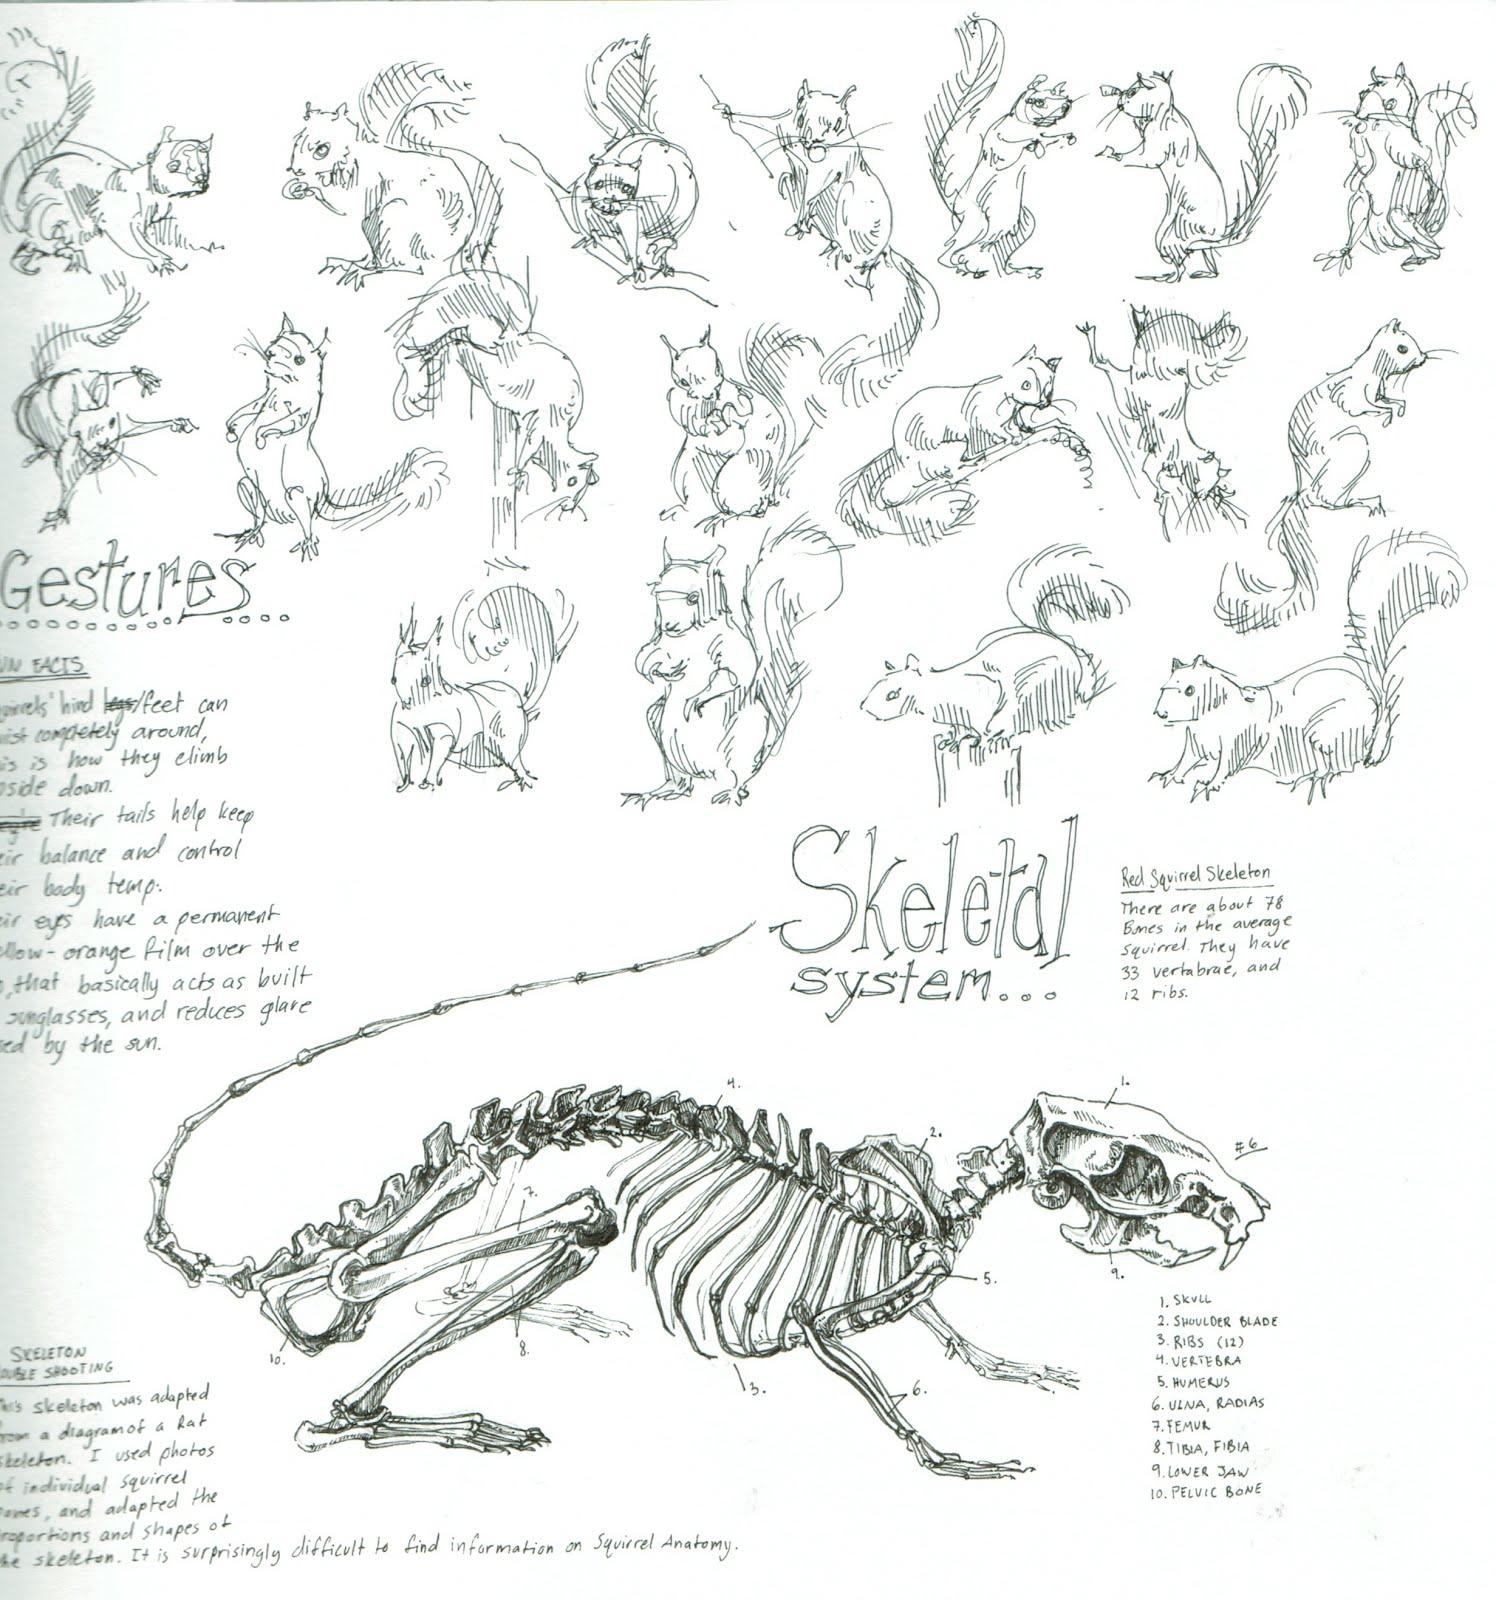 Miller Sketchbook